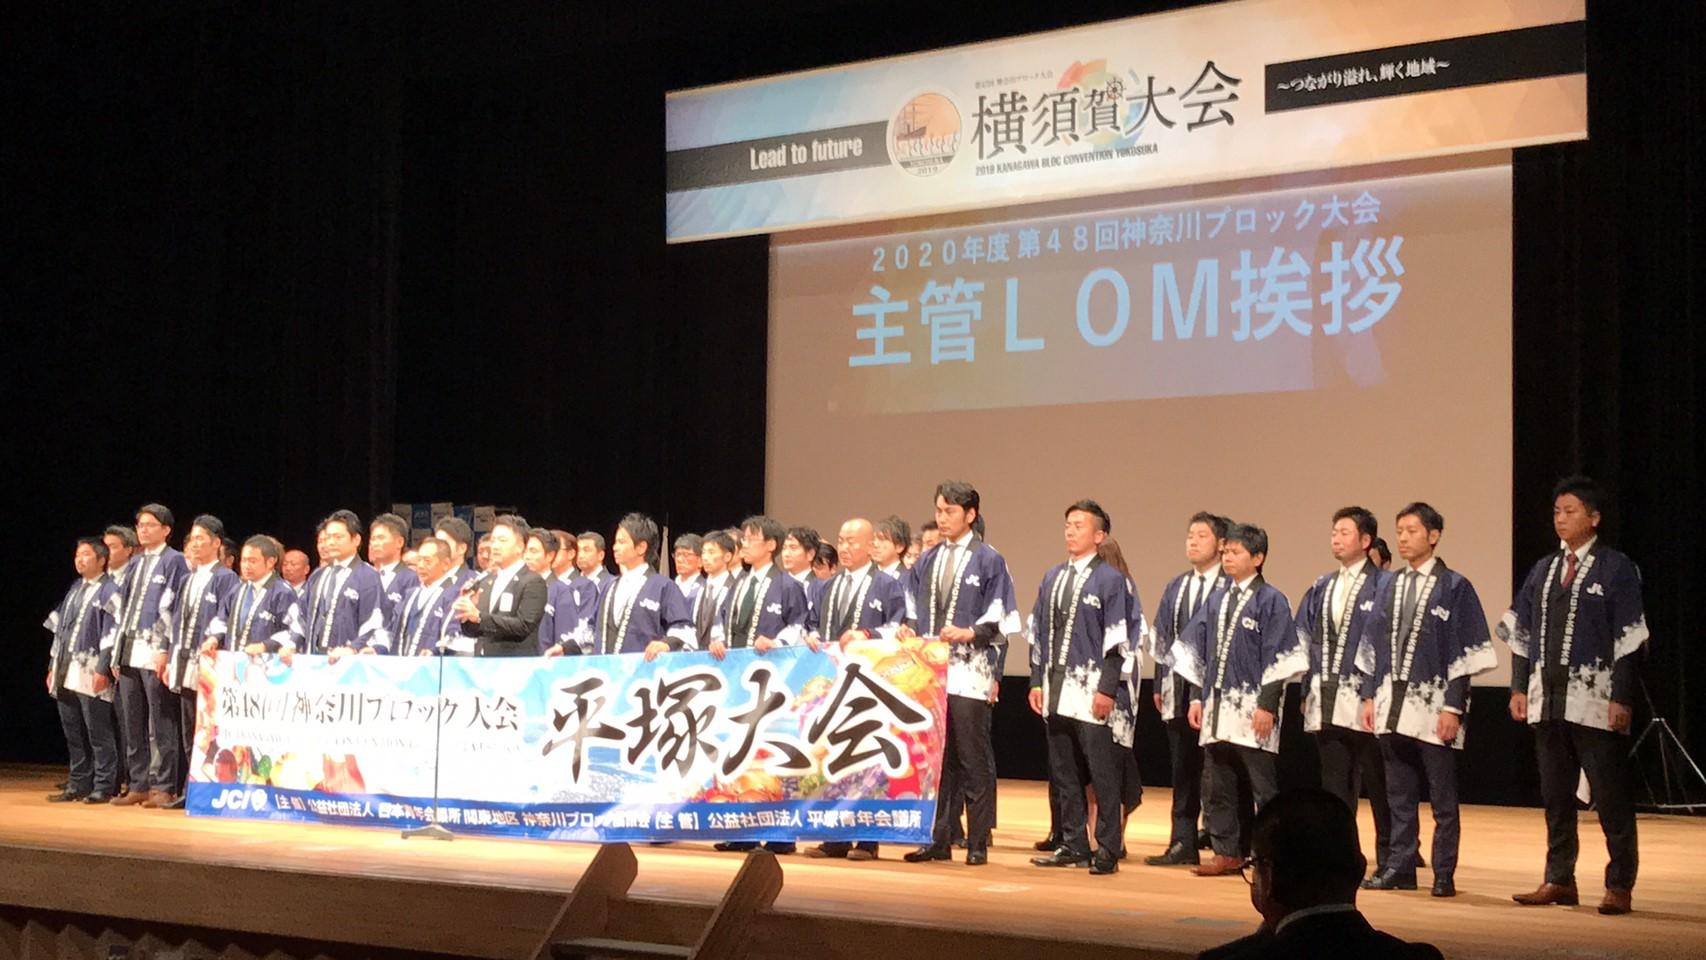 神奈川ブロック大会 横須賀大会が開催されました。